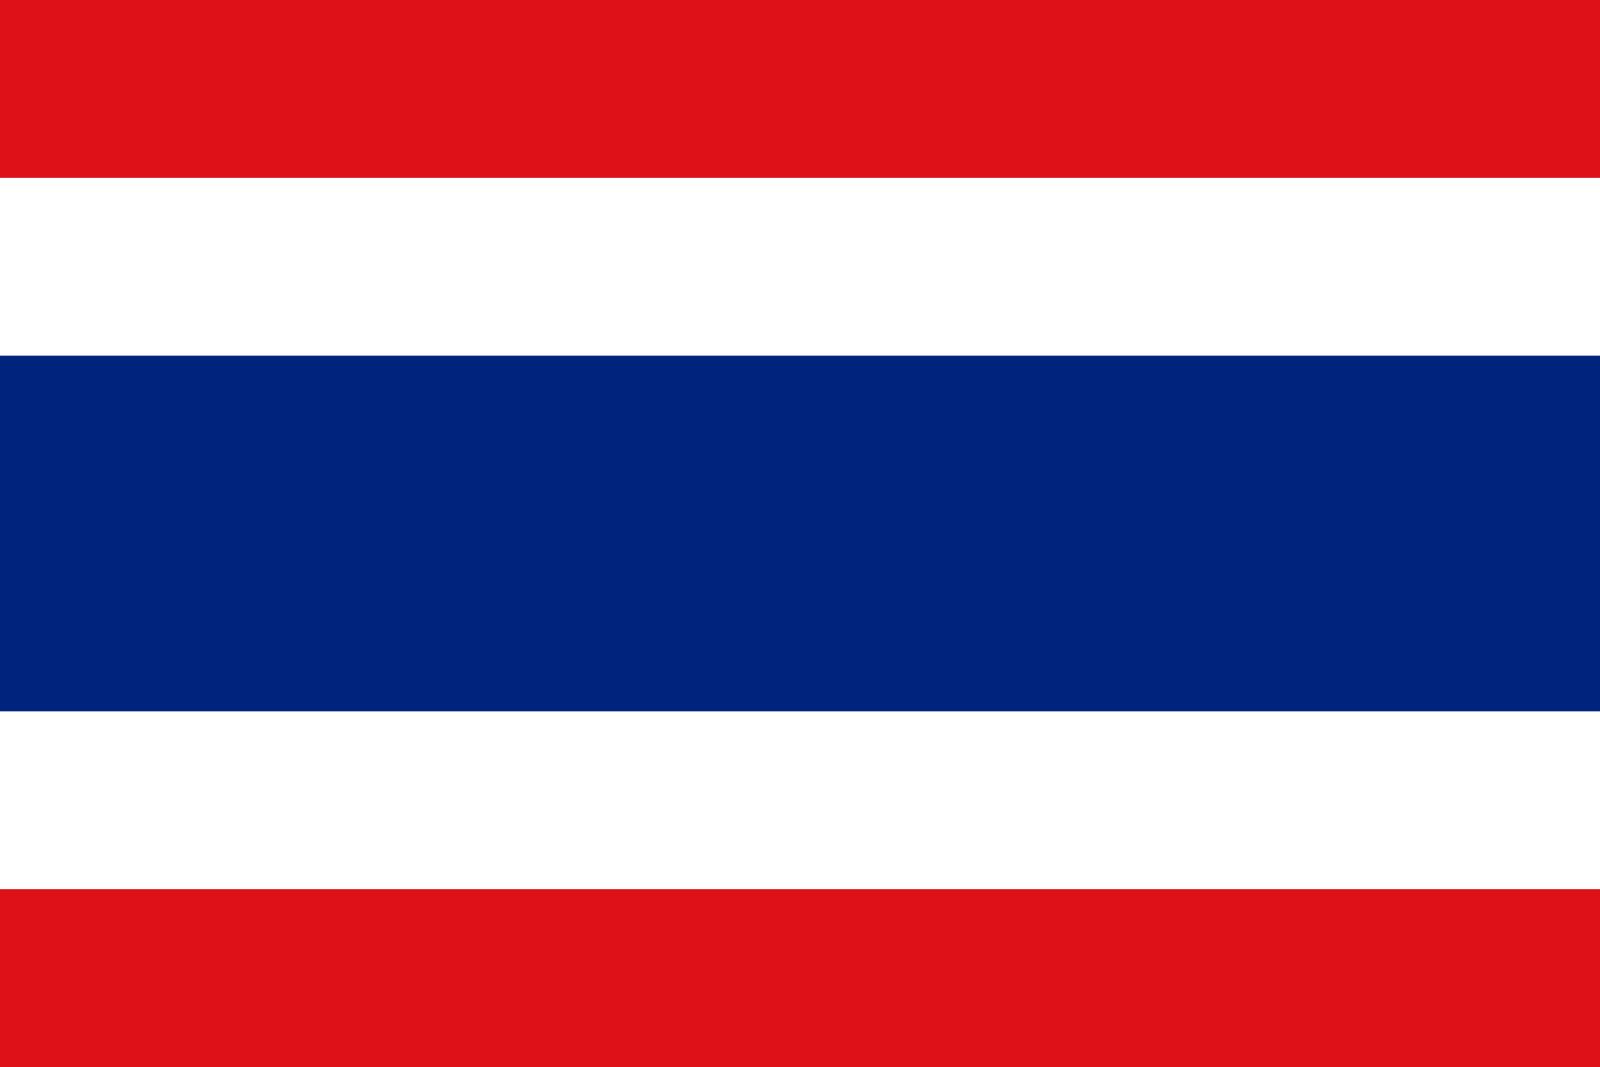 imagenes de banderas hd204 200 Imágenes de Banderas en HD (Wallpapers)